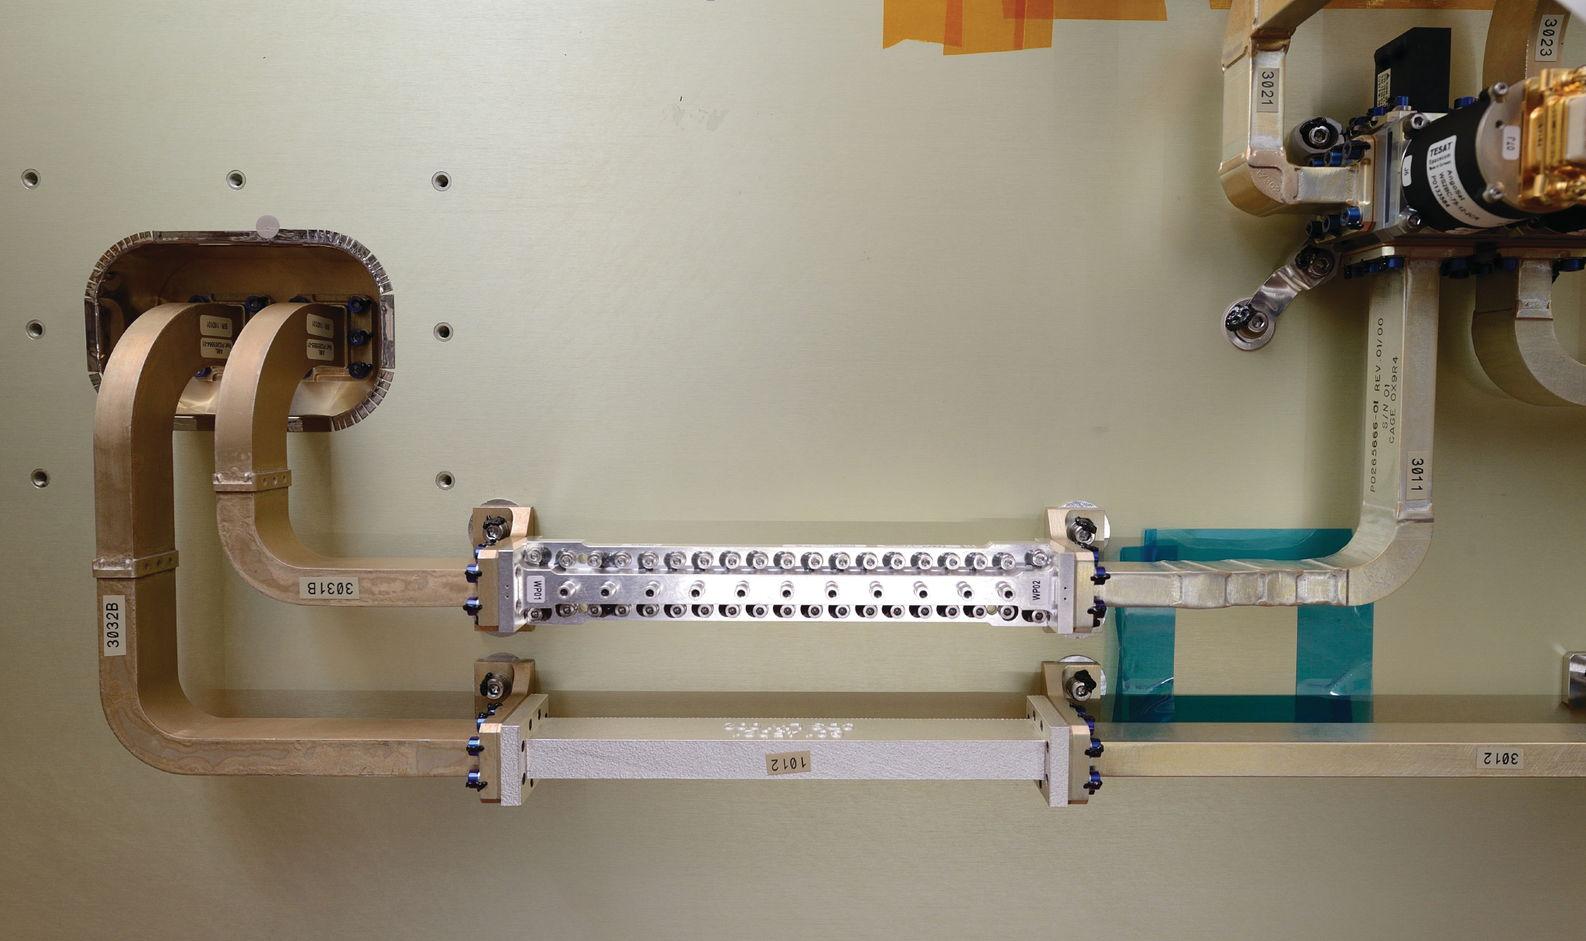 Компонент спутника, изготовленный на 3D принтере